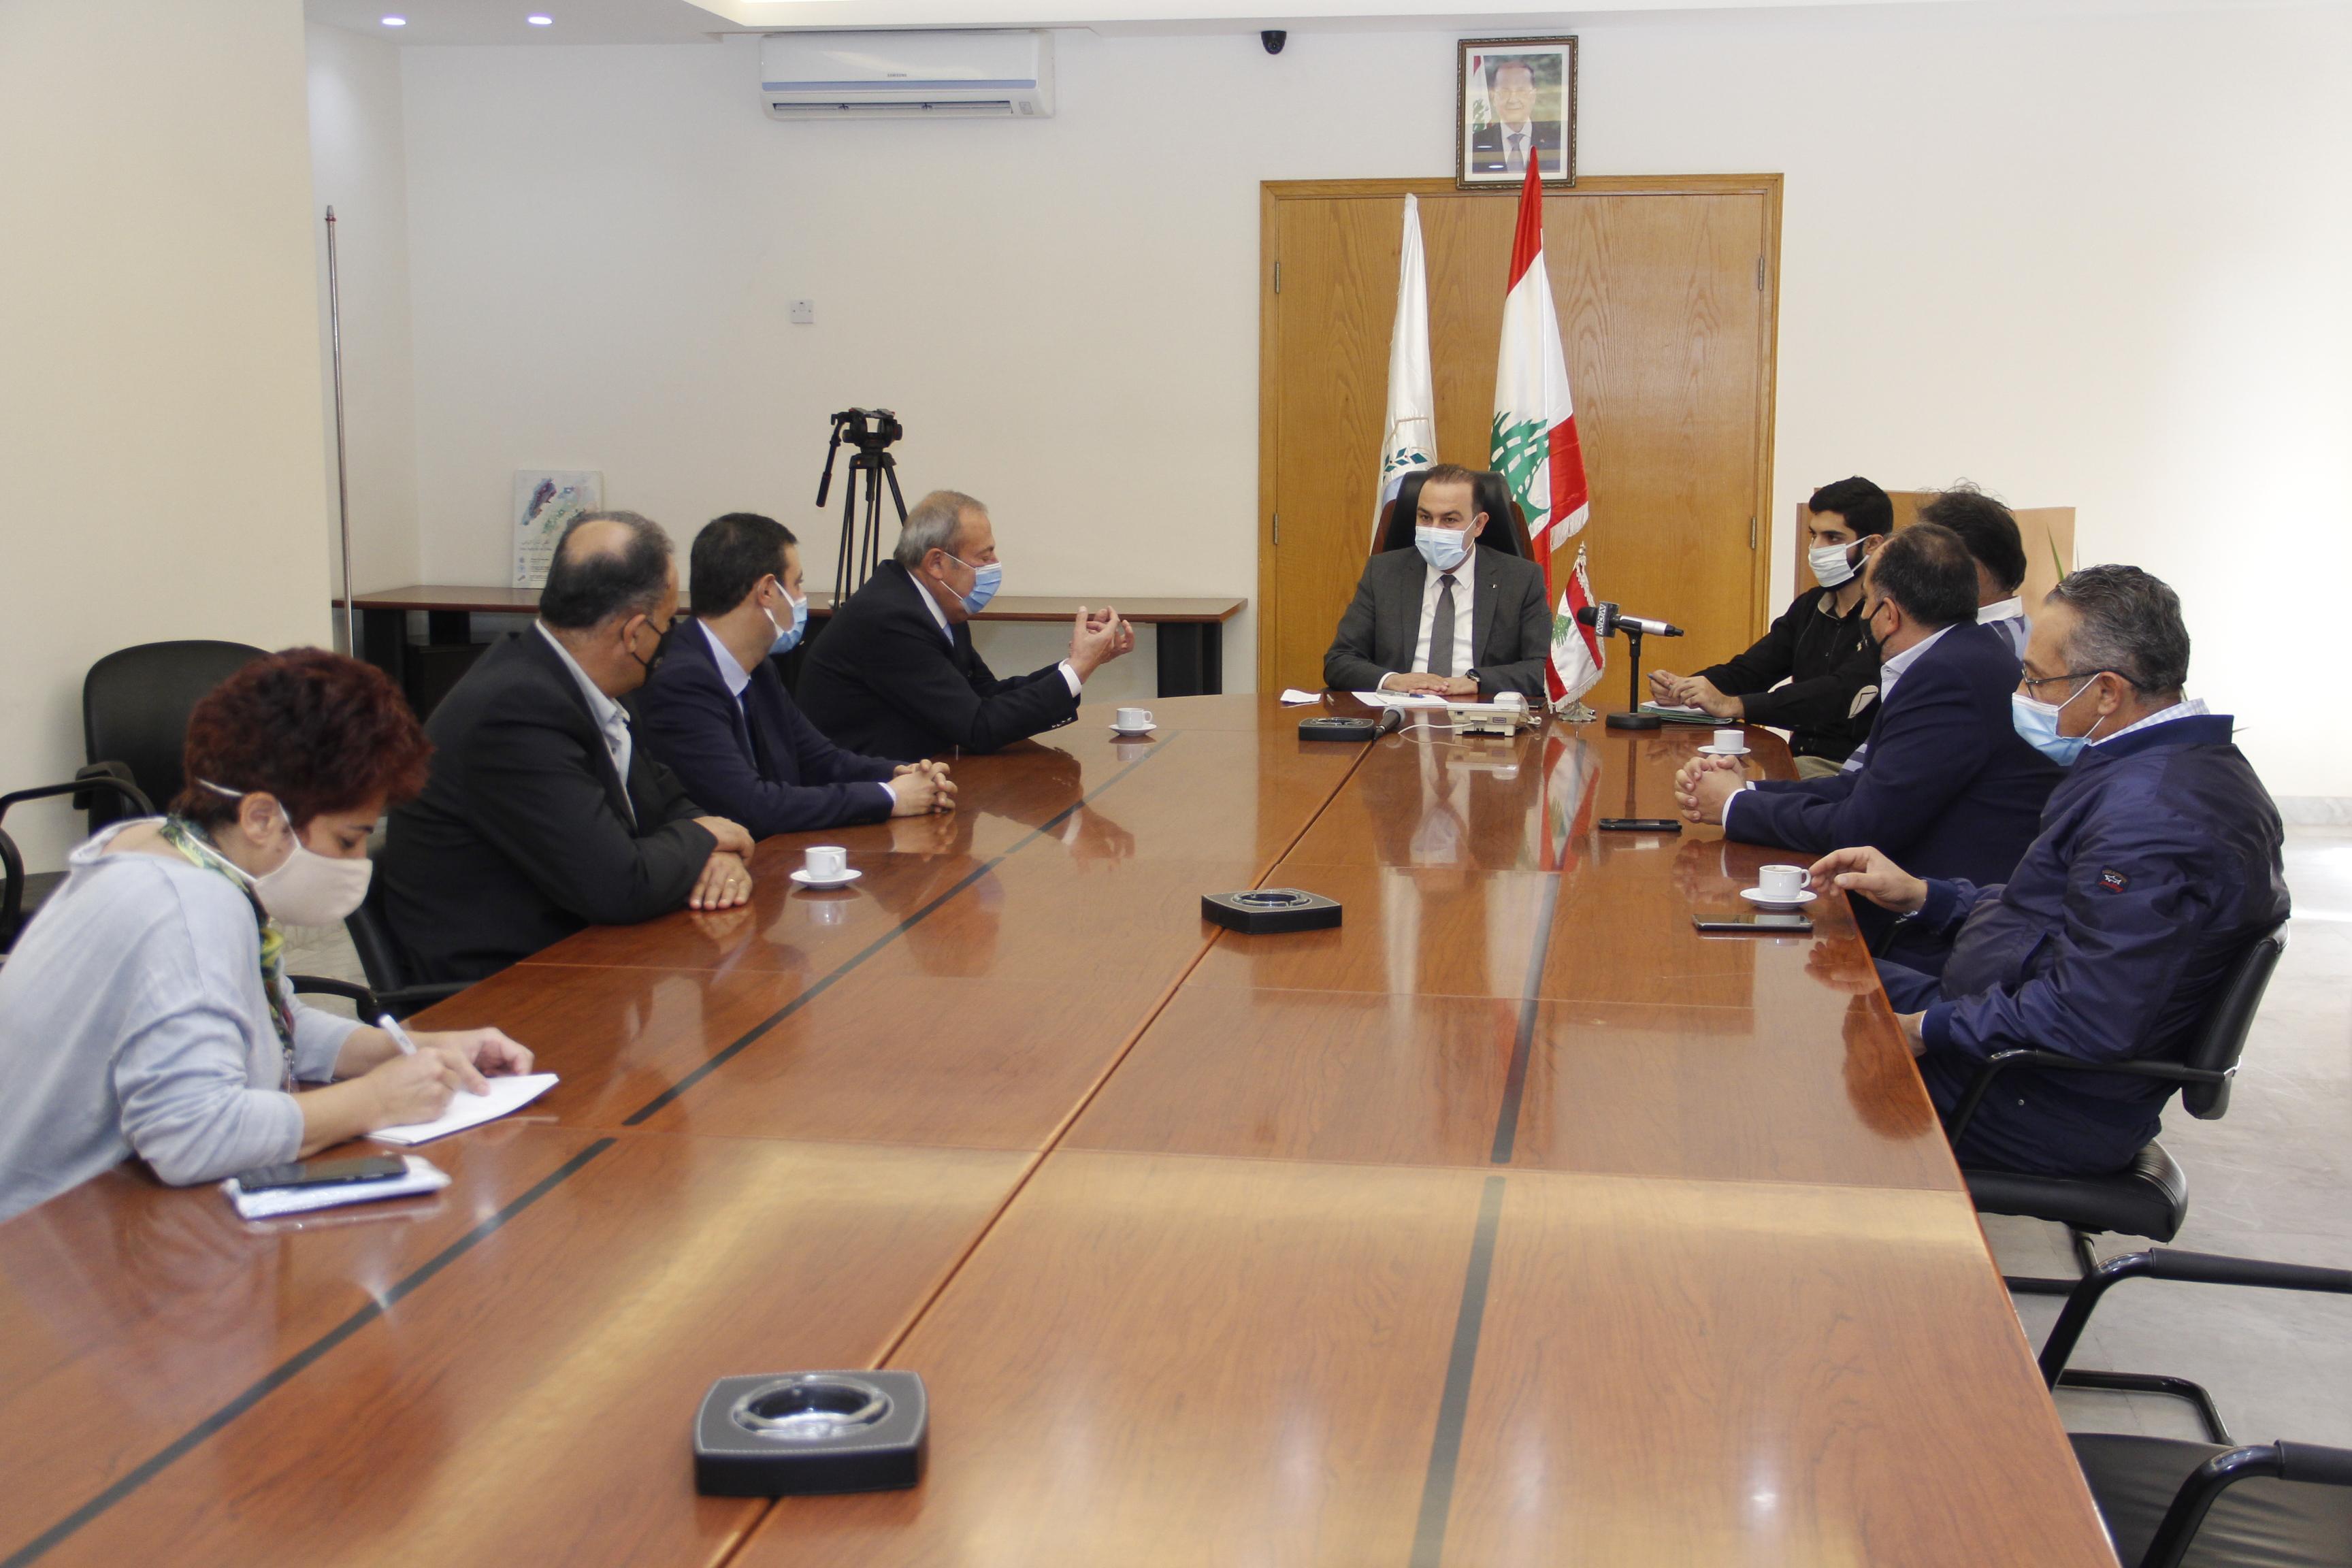 وزير الزراعة استقبل السفير السابق حسام قبيطر مع مجموعة من مصدري الزيتون في طراب